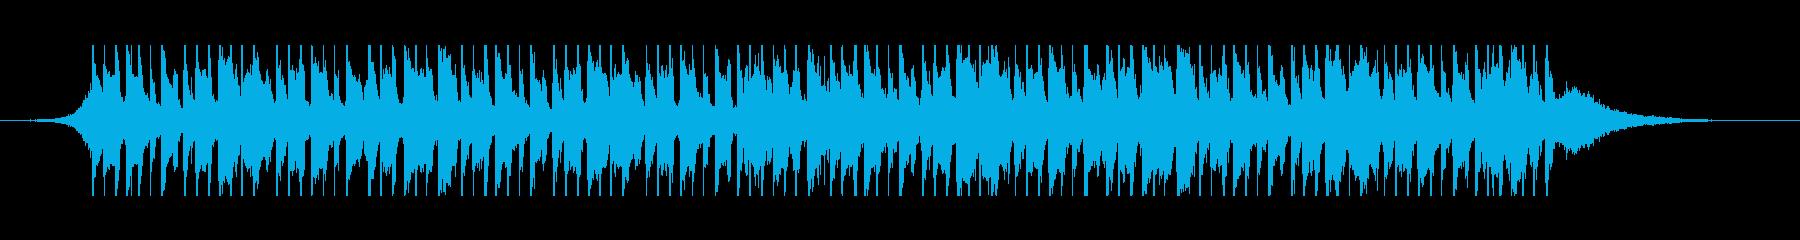 ベリーダンス(40秒)の再生済みの波形